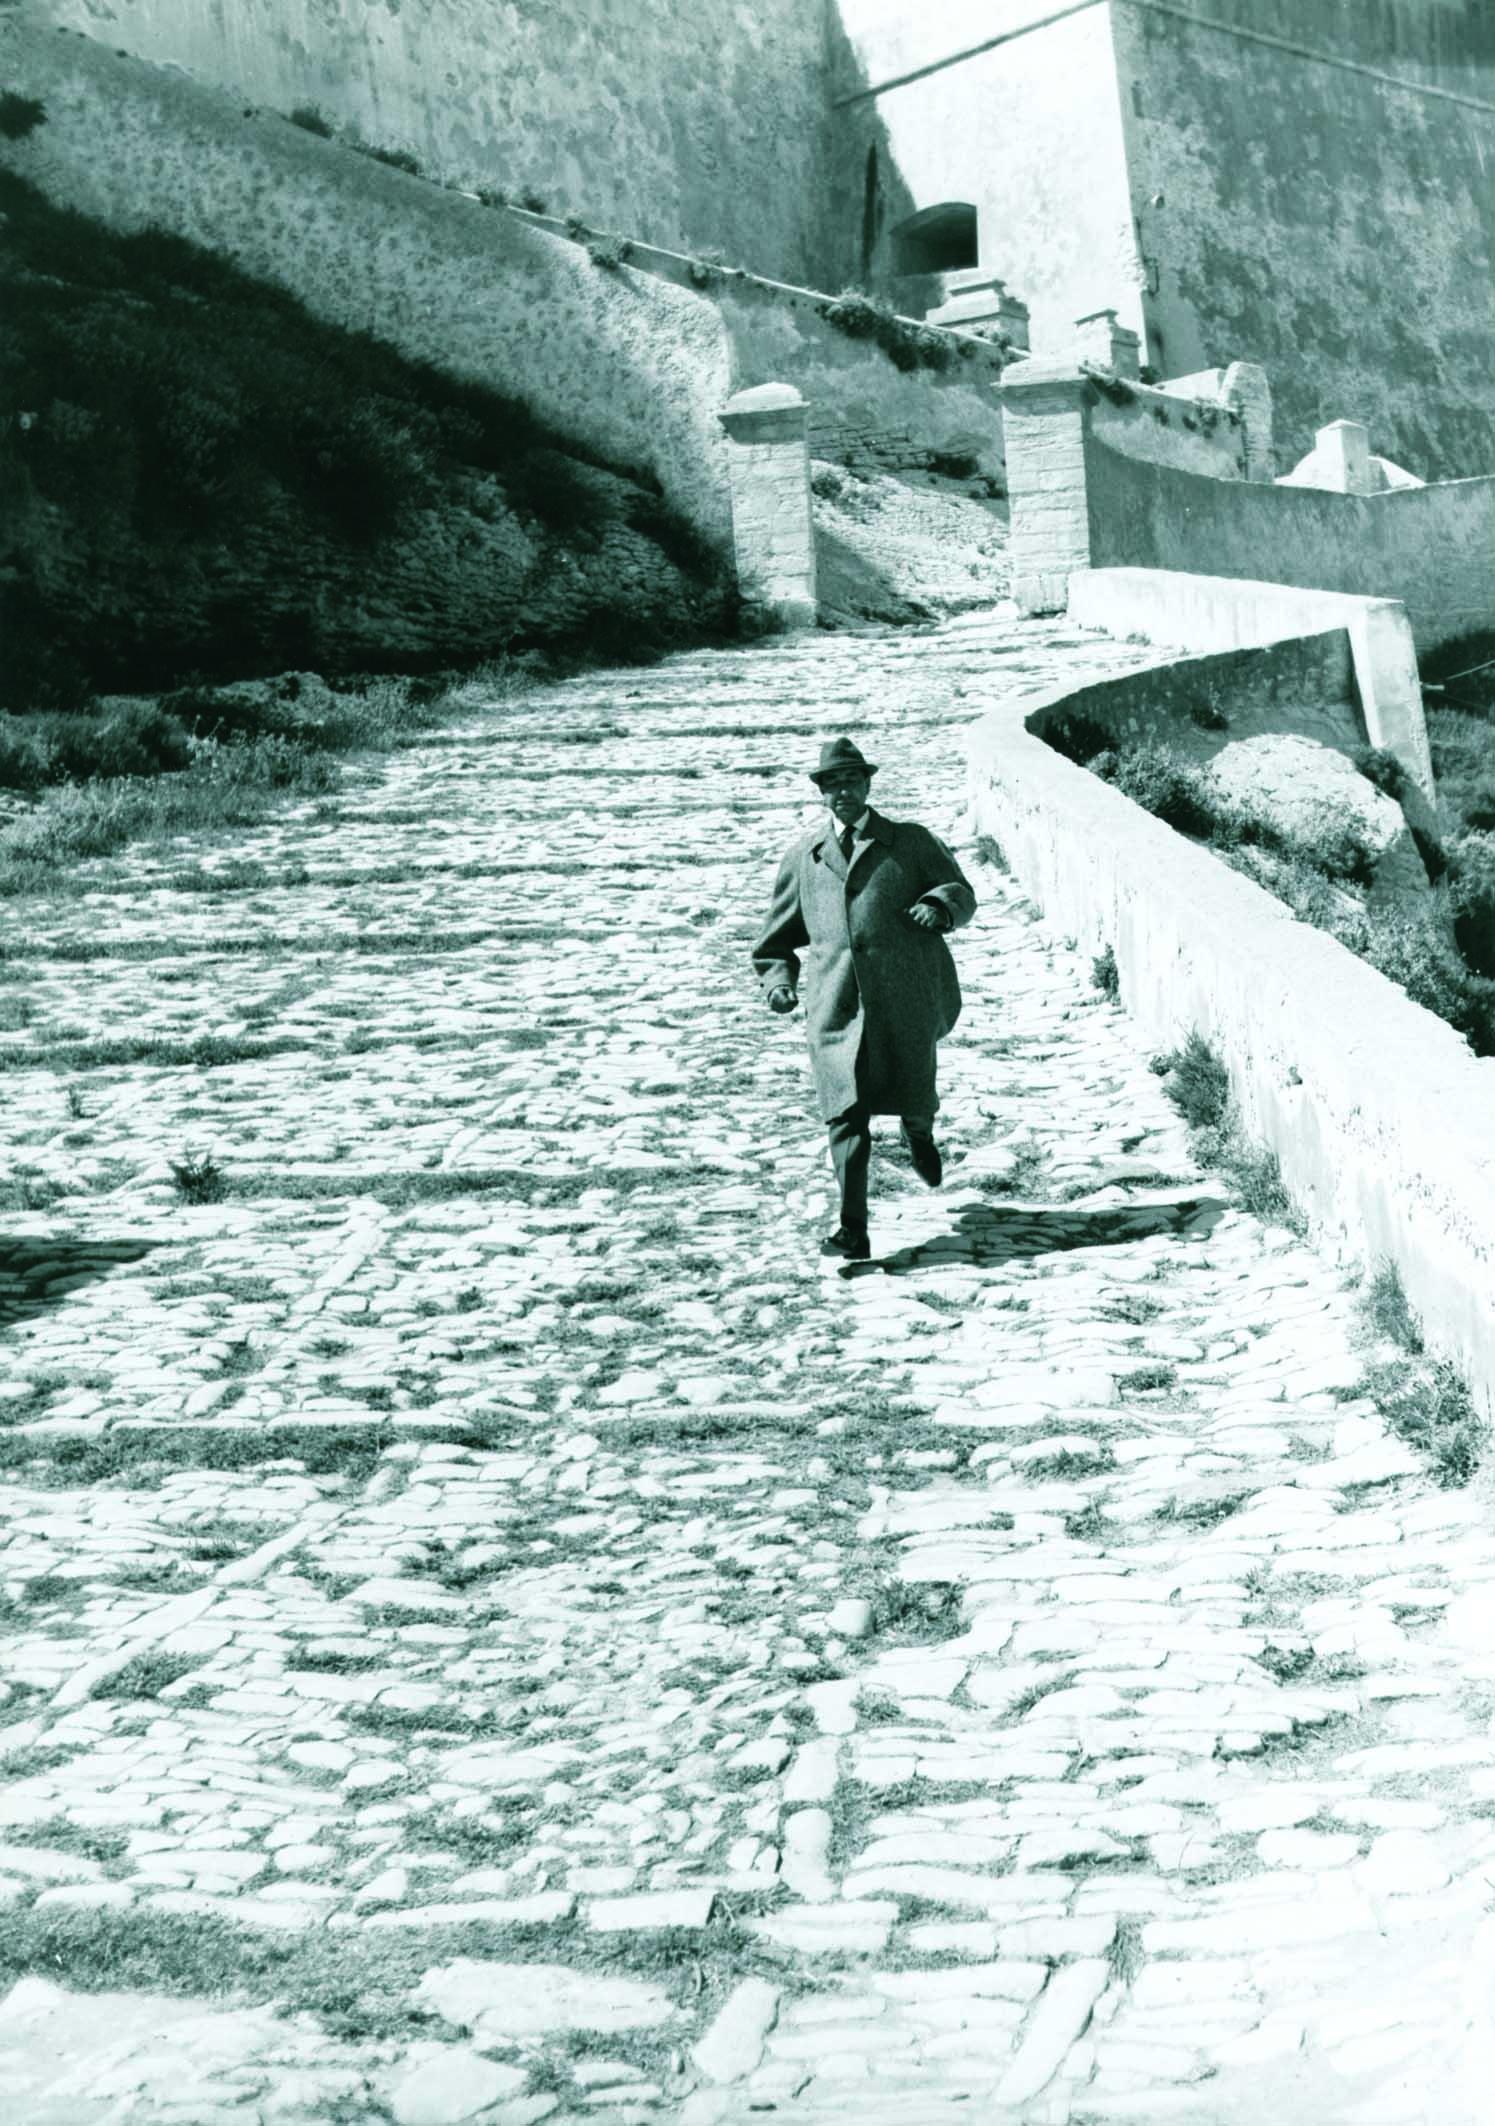 Corse Terre d'images, Jean Louis Castelli, est photographe de plateau sur le tournage en 1962 de L'Oeil du monocle de Lautner à Bonifacio, sa cité natale.